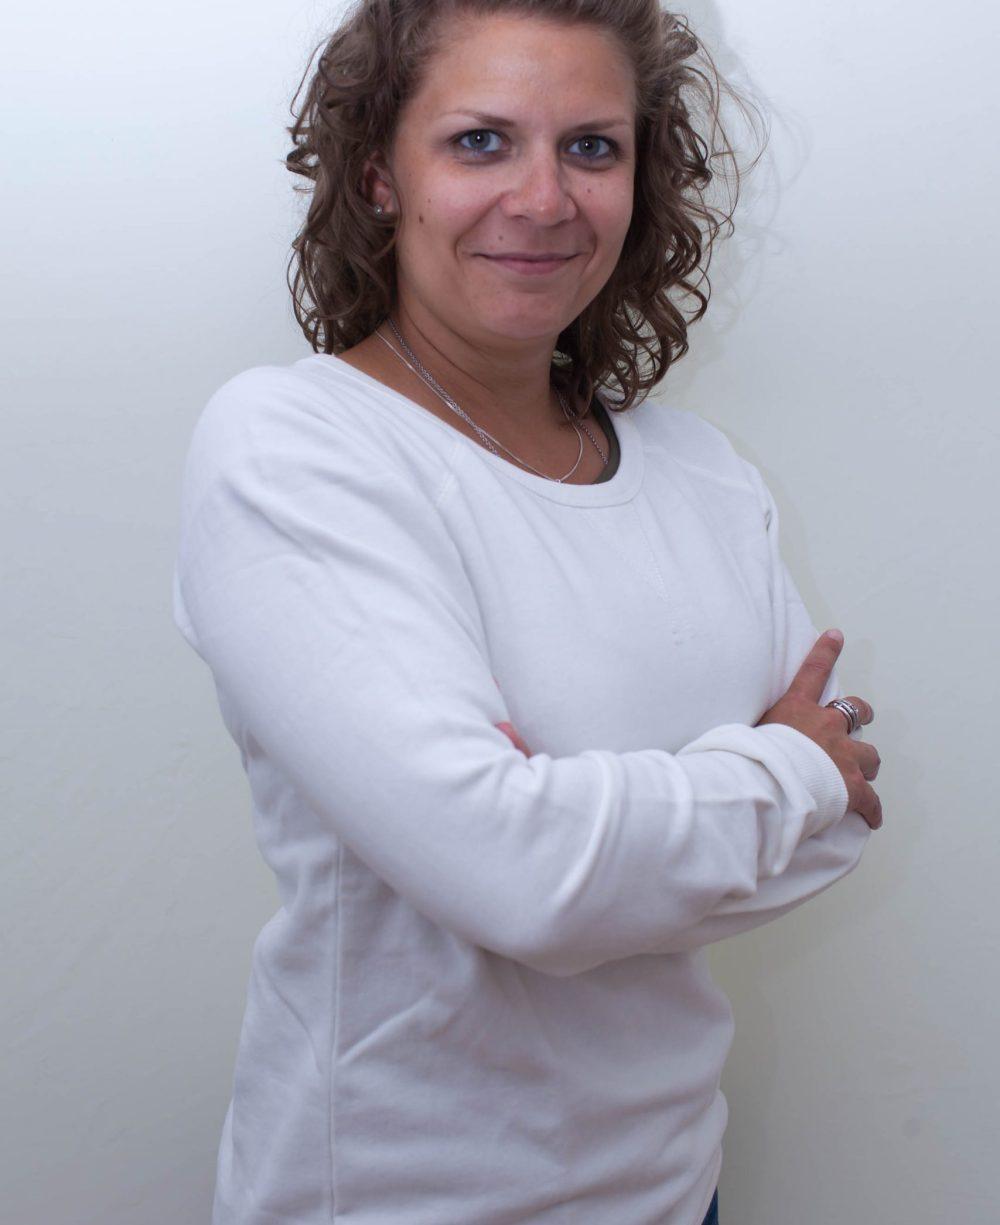 weiss-damen-pullover-für-dialysepatienten-mit-individuellem-reißverschluss-diazipp